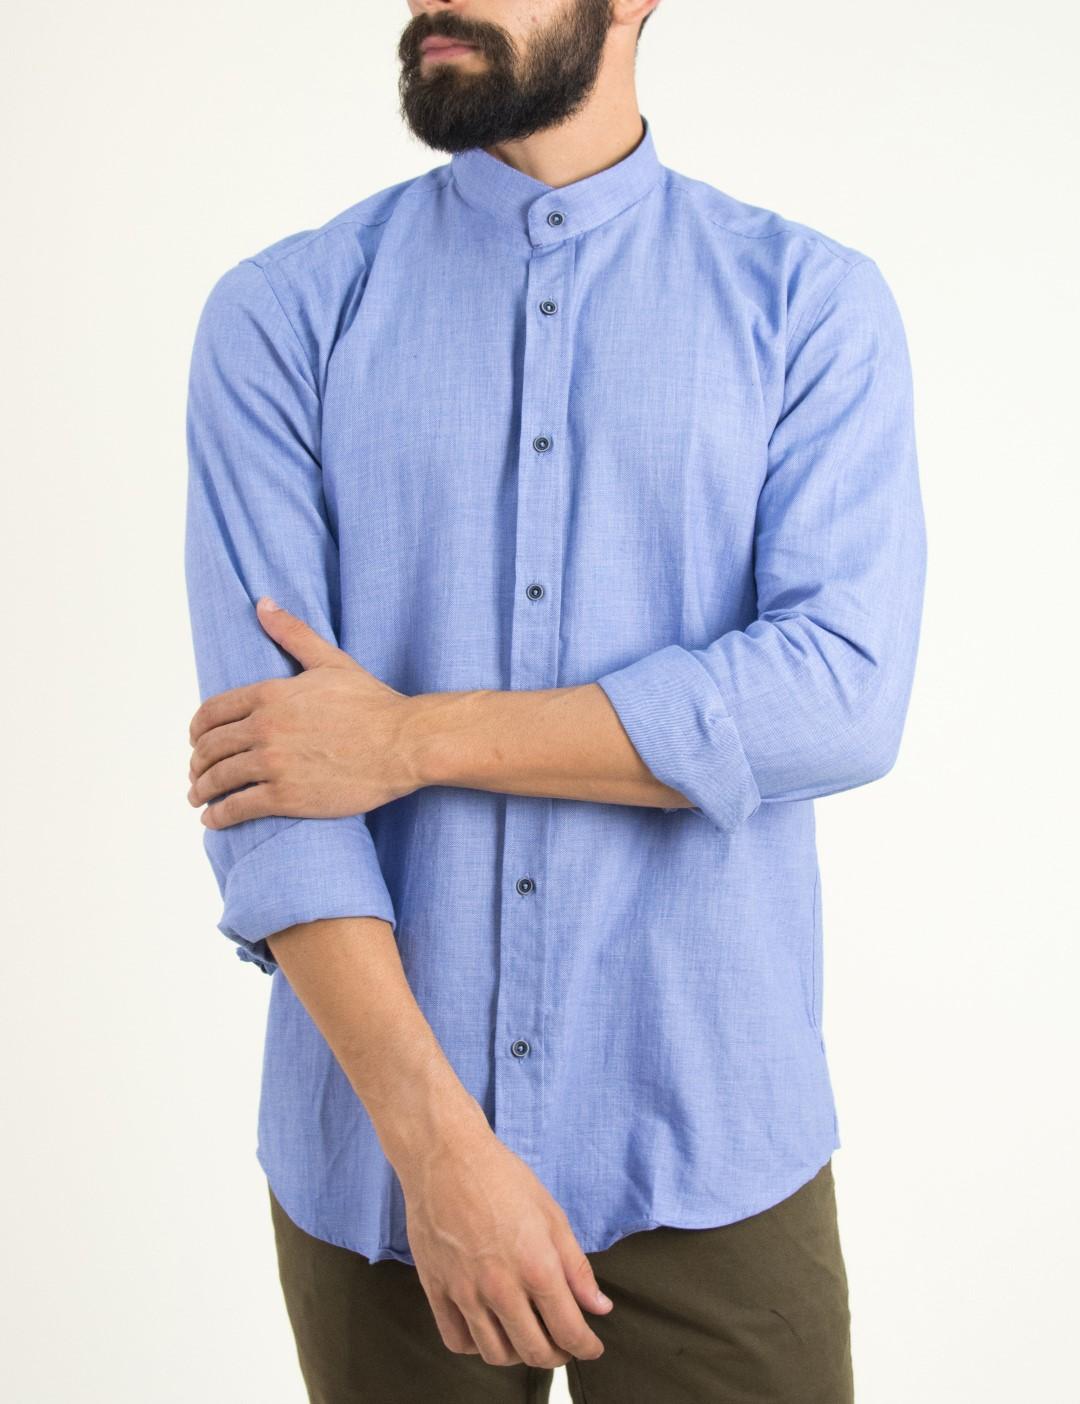 Ανδρικό σιελ πουκάμισο με μάο γιακά Firenze 0191120 ea116b3930d